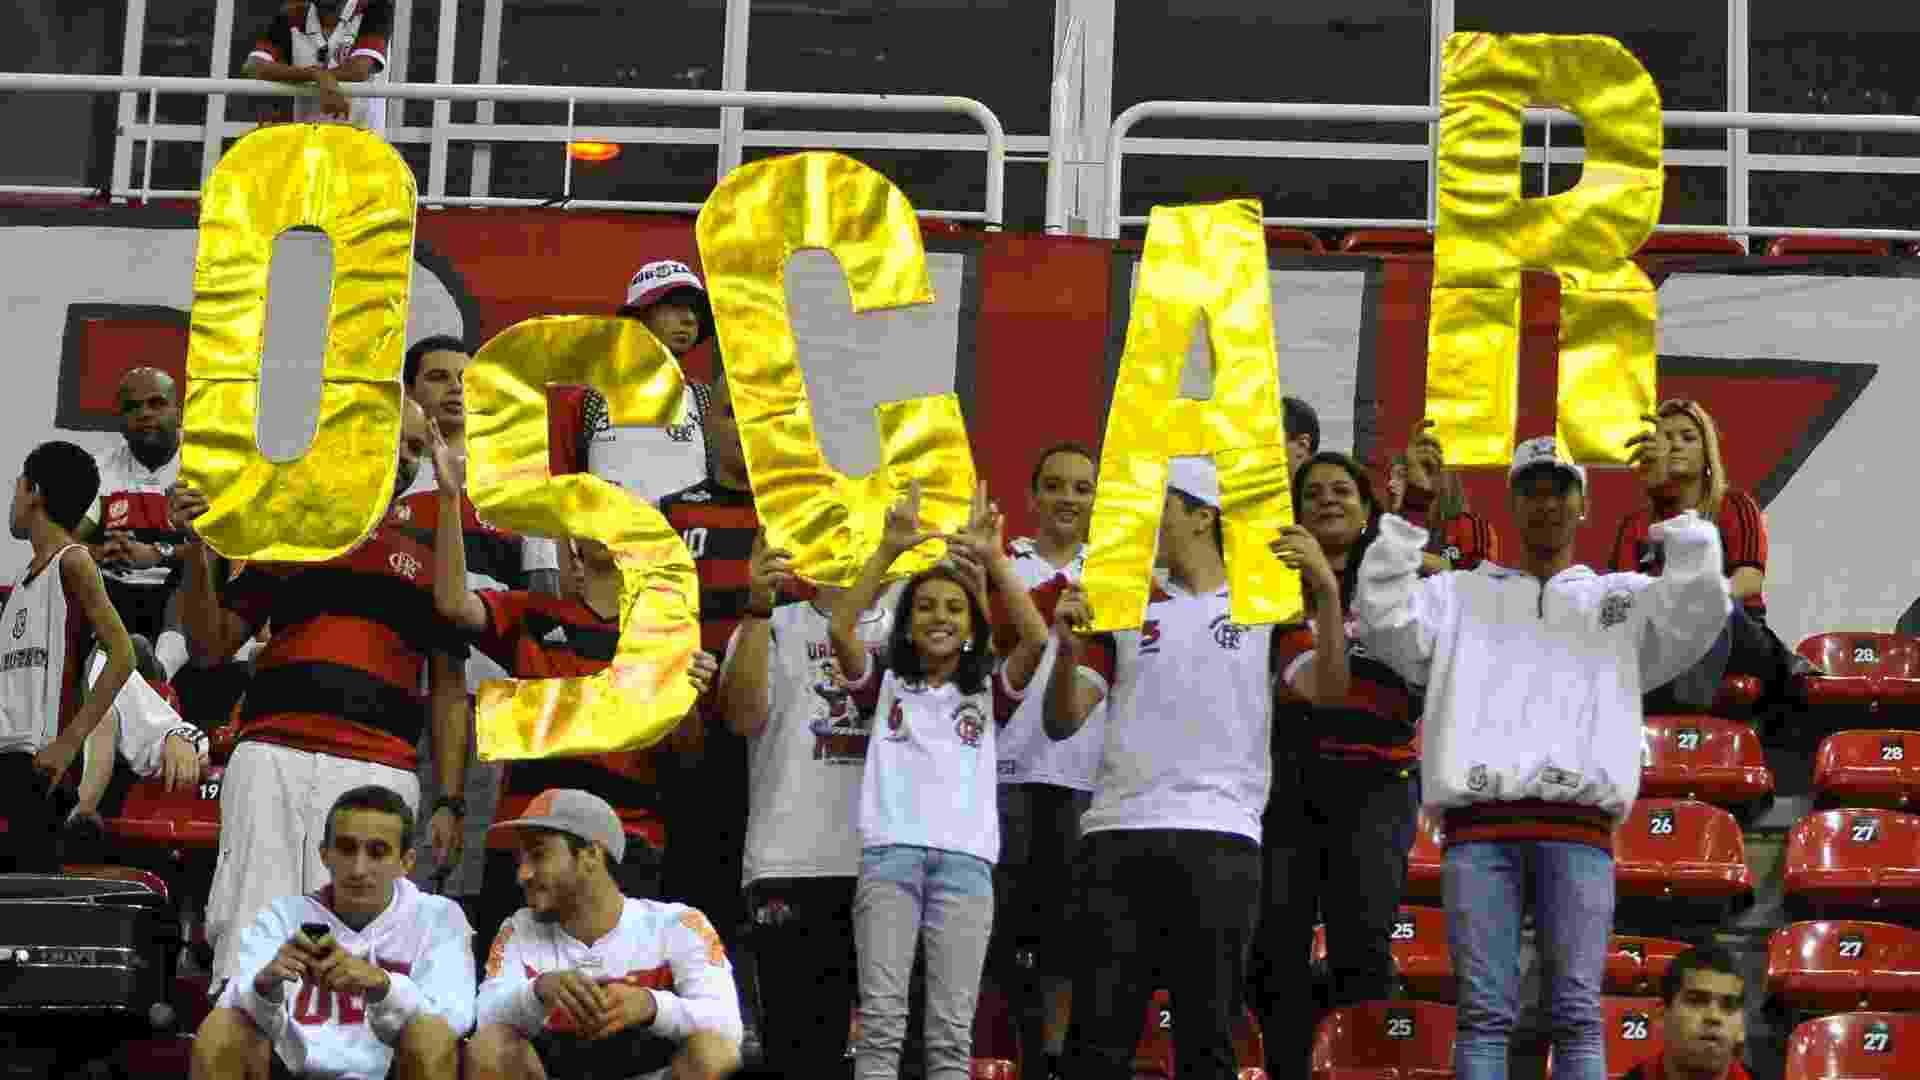 01.jun.2013 - Torcida do Flamengo homenageia Oscar na final do NBB contra Uberlândia - DHAVID NORMANDO/FUTURA PRESS/ESTADÃO CONTEÚDO